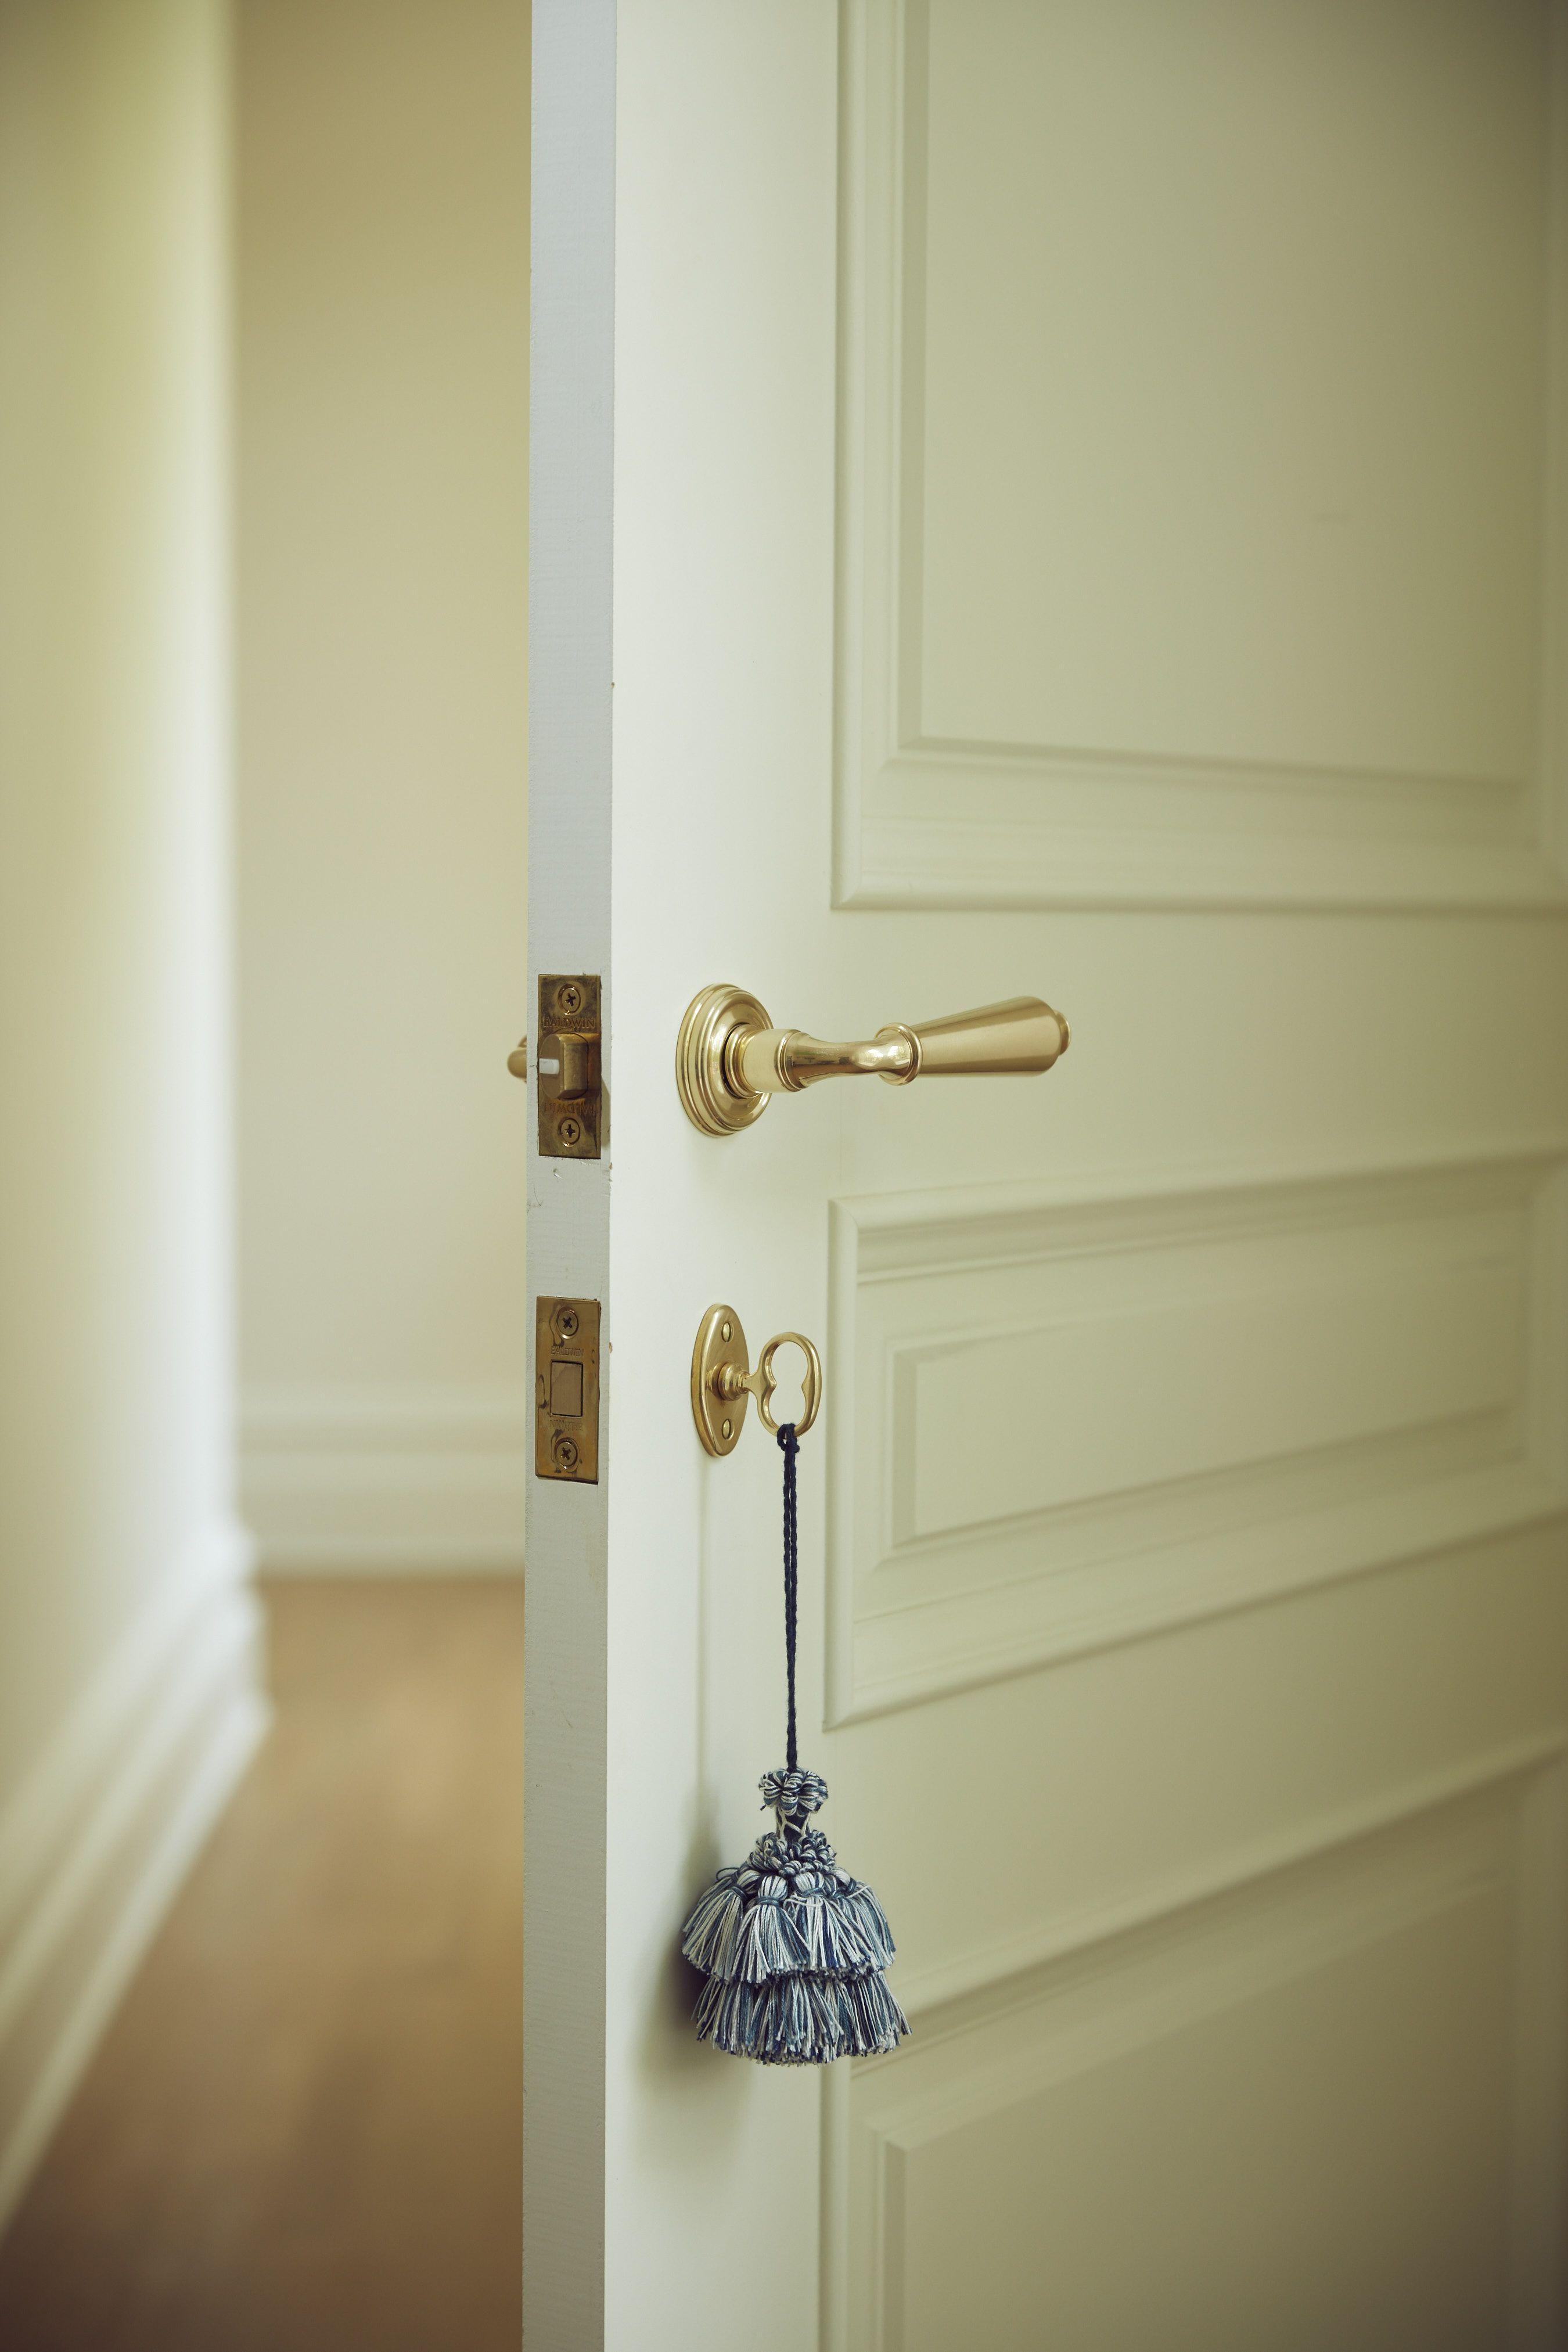 High End Door Pulls That Will Personalize Your Project Home Hardware Bedroom Door Handles Doors